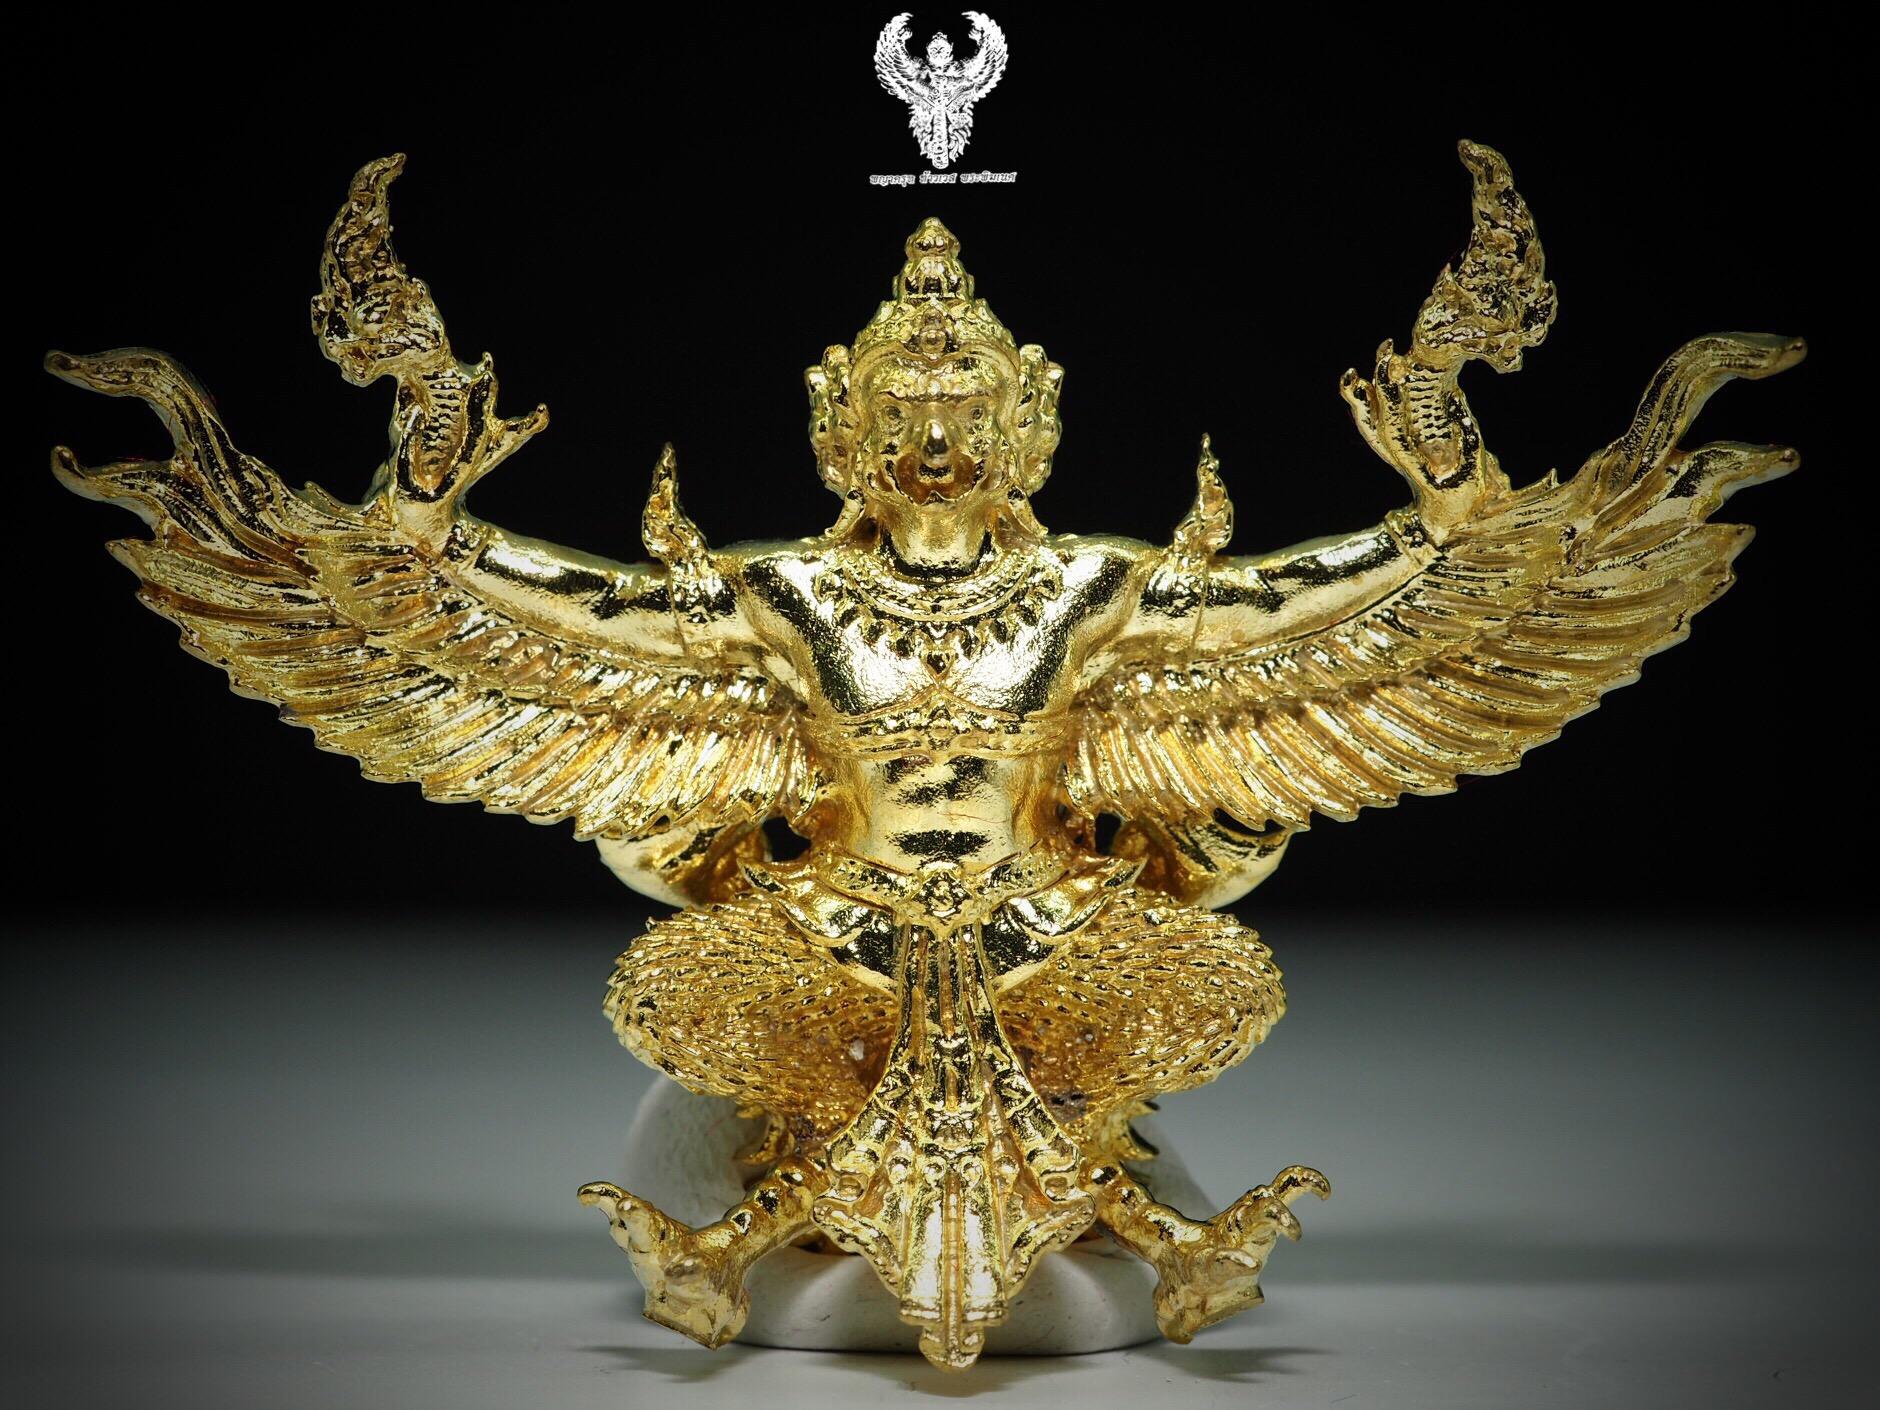 พญาครุฑทรงฤทธิ์บังเกิดทรัพย์ ที่รฤกวาระเปิดศาลพ่อปู่พญาครุฑ เนื้อทองเบญจา รุ่น2